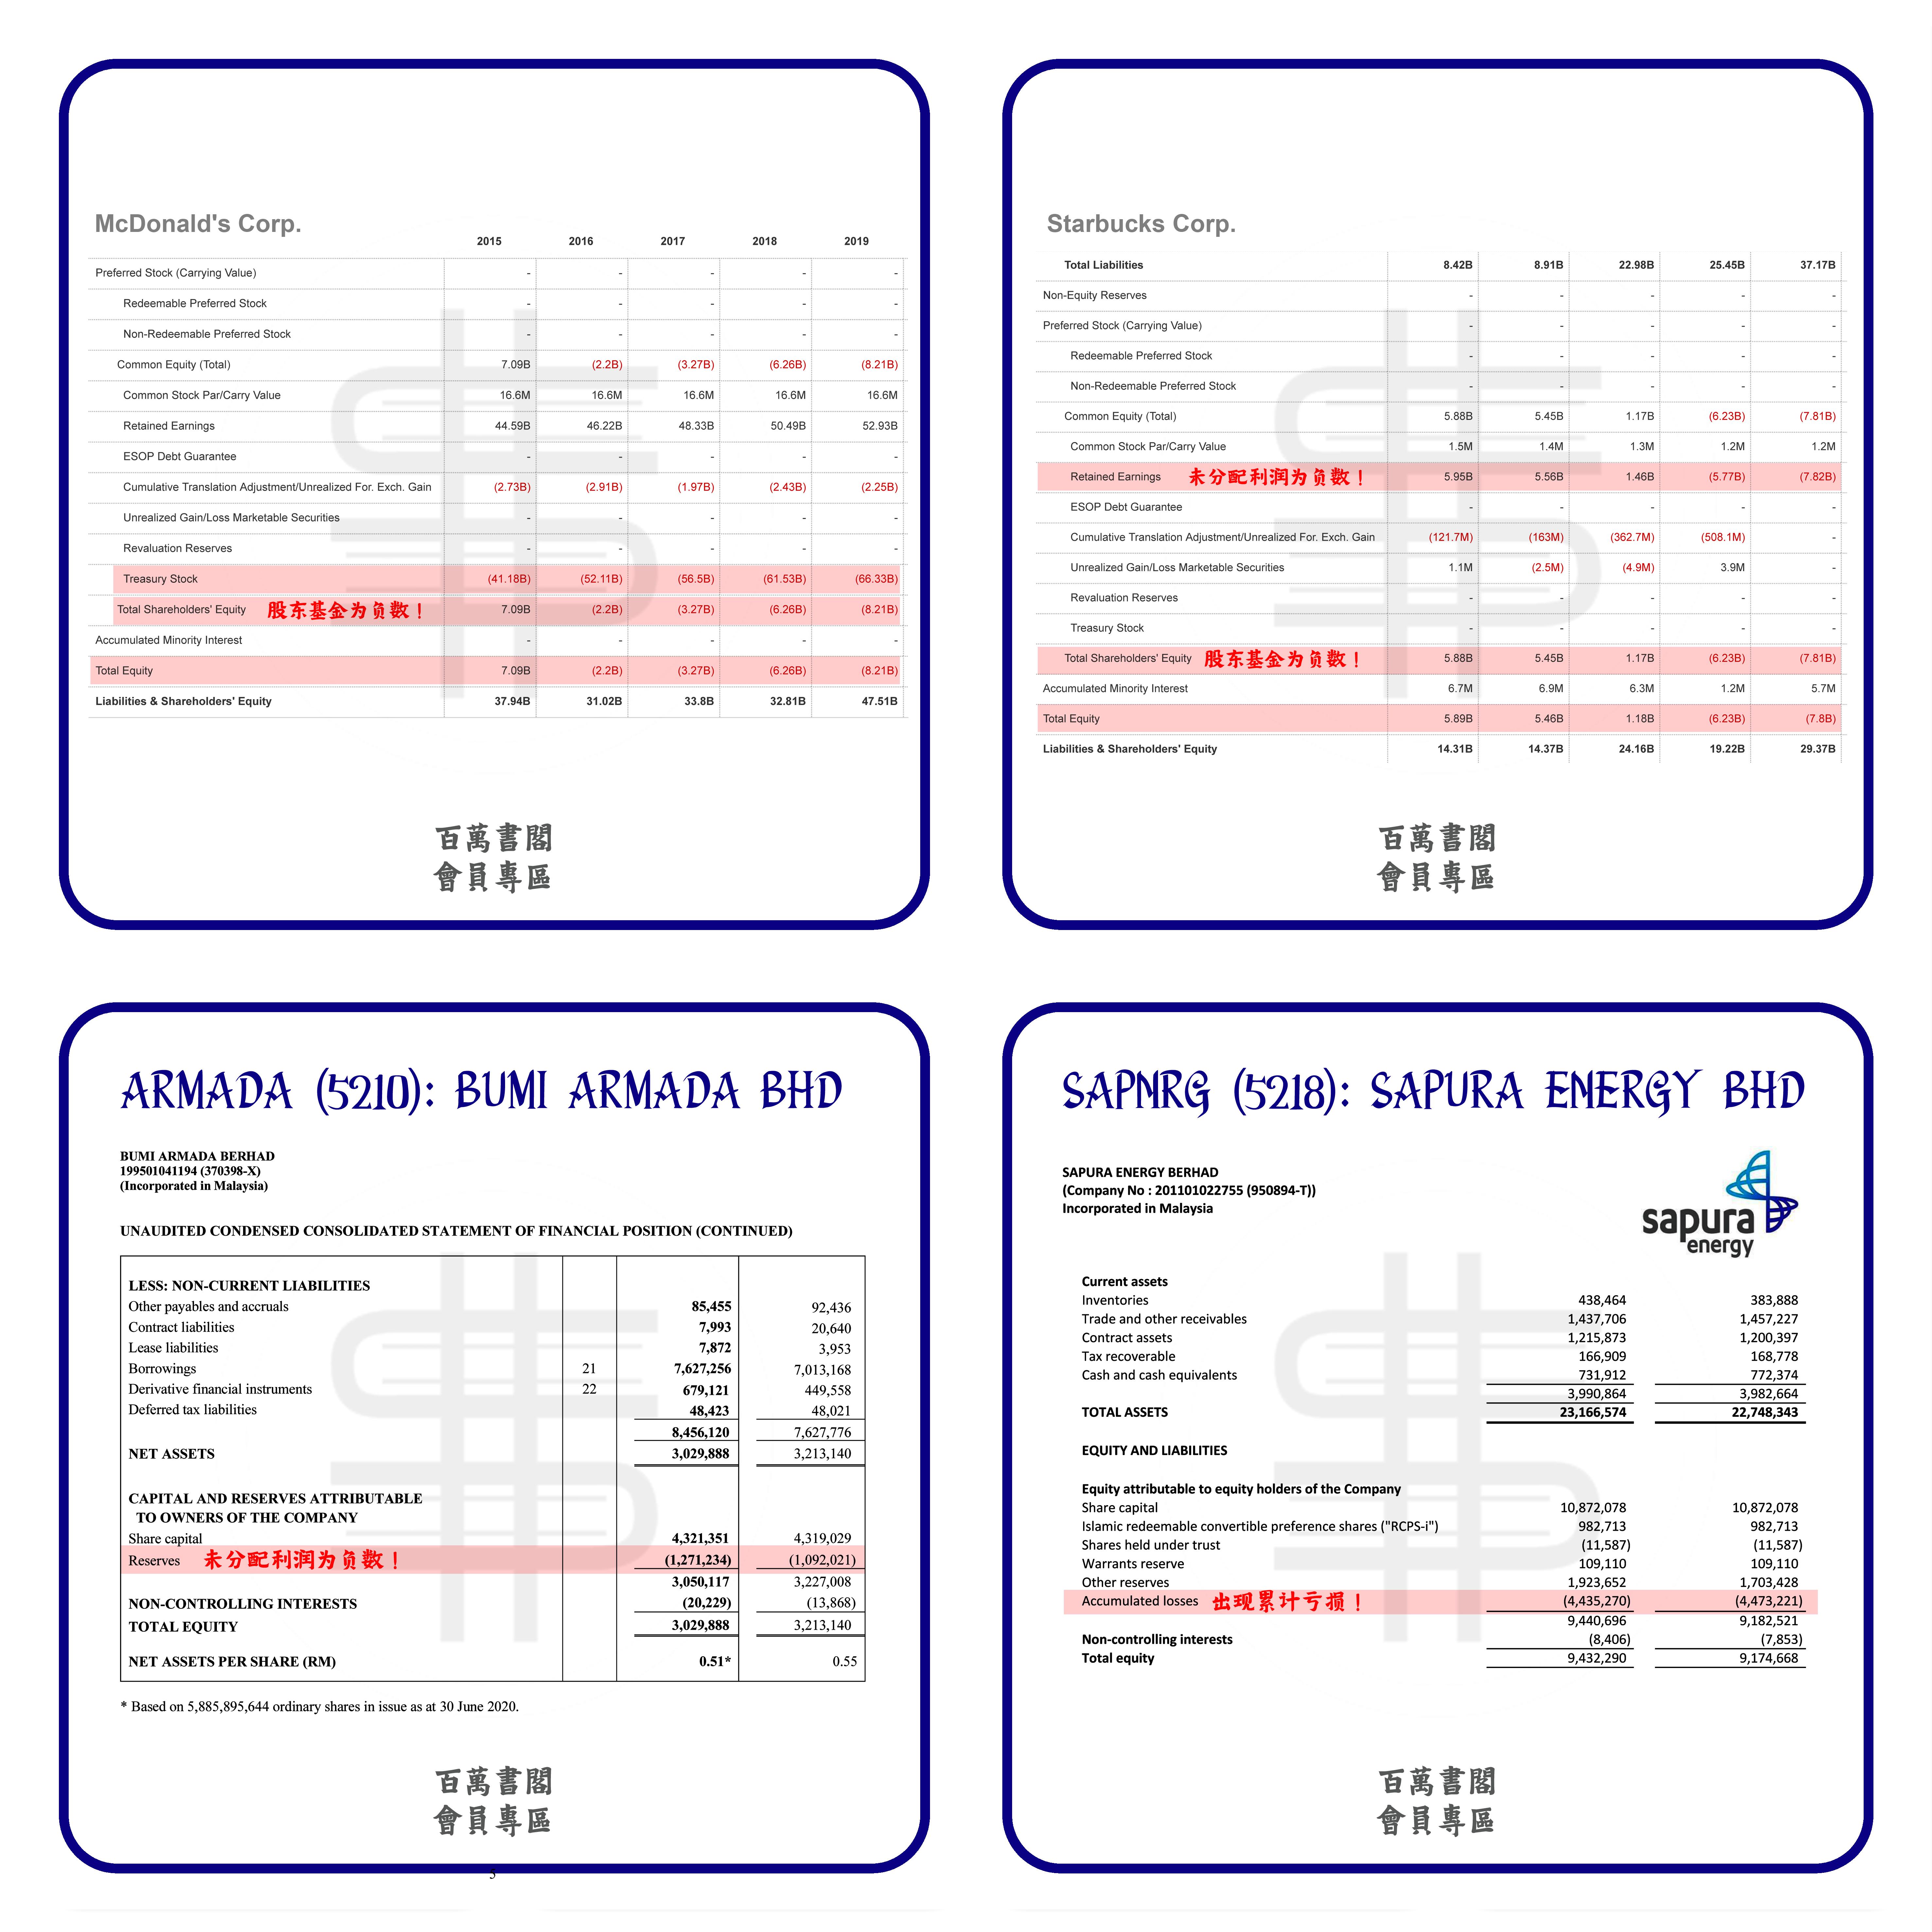 企業財報直接截圖分析